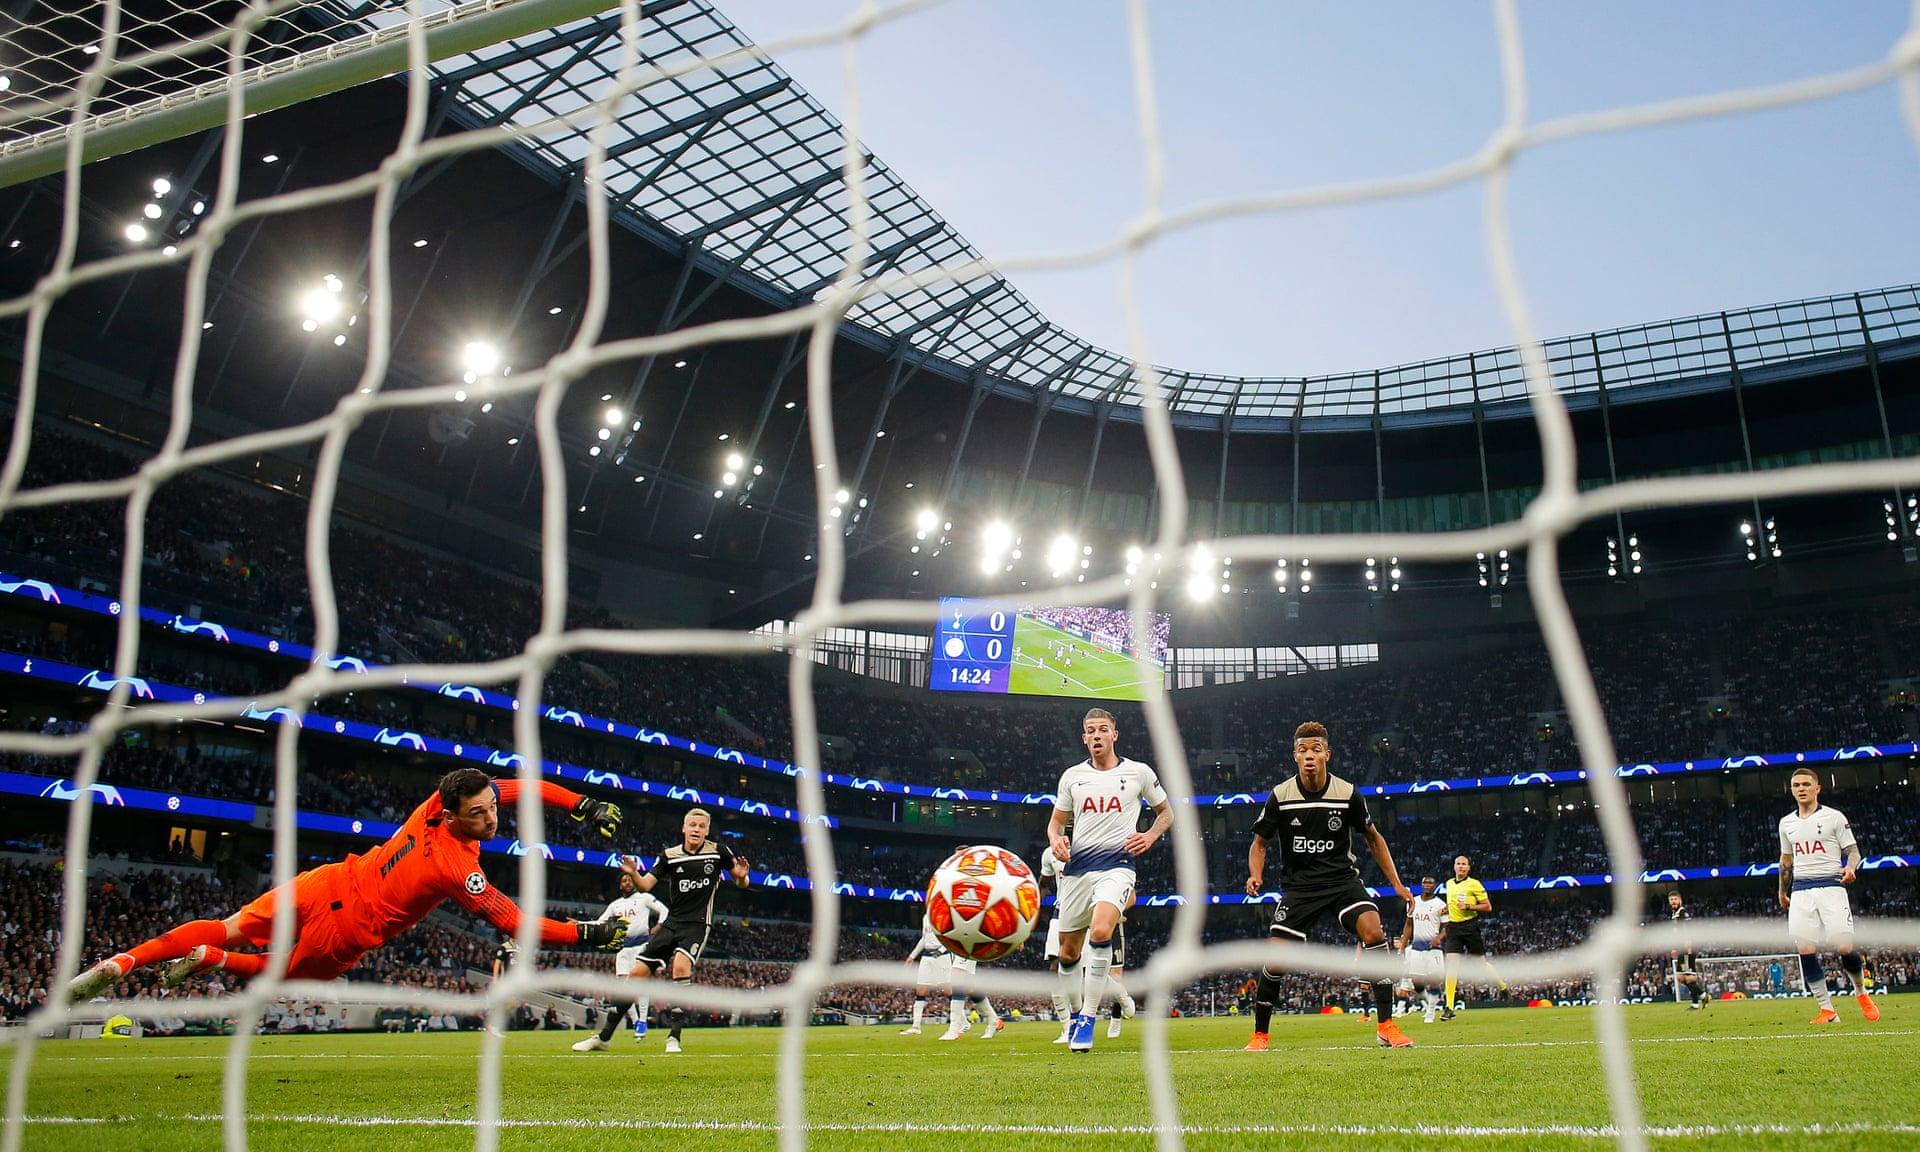 Ajax đã ghi bàn trong chín trận liên tiếp ở Champions League - Bóng Đá